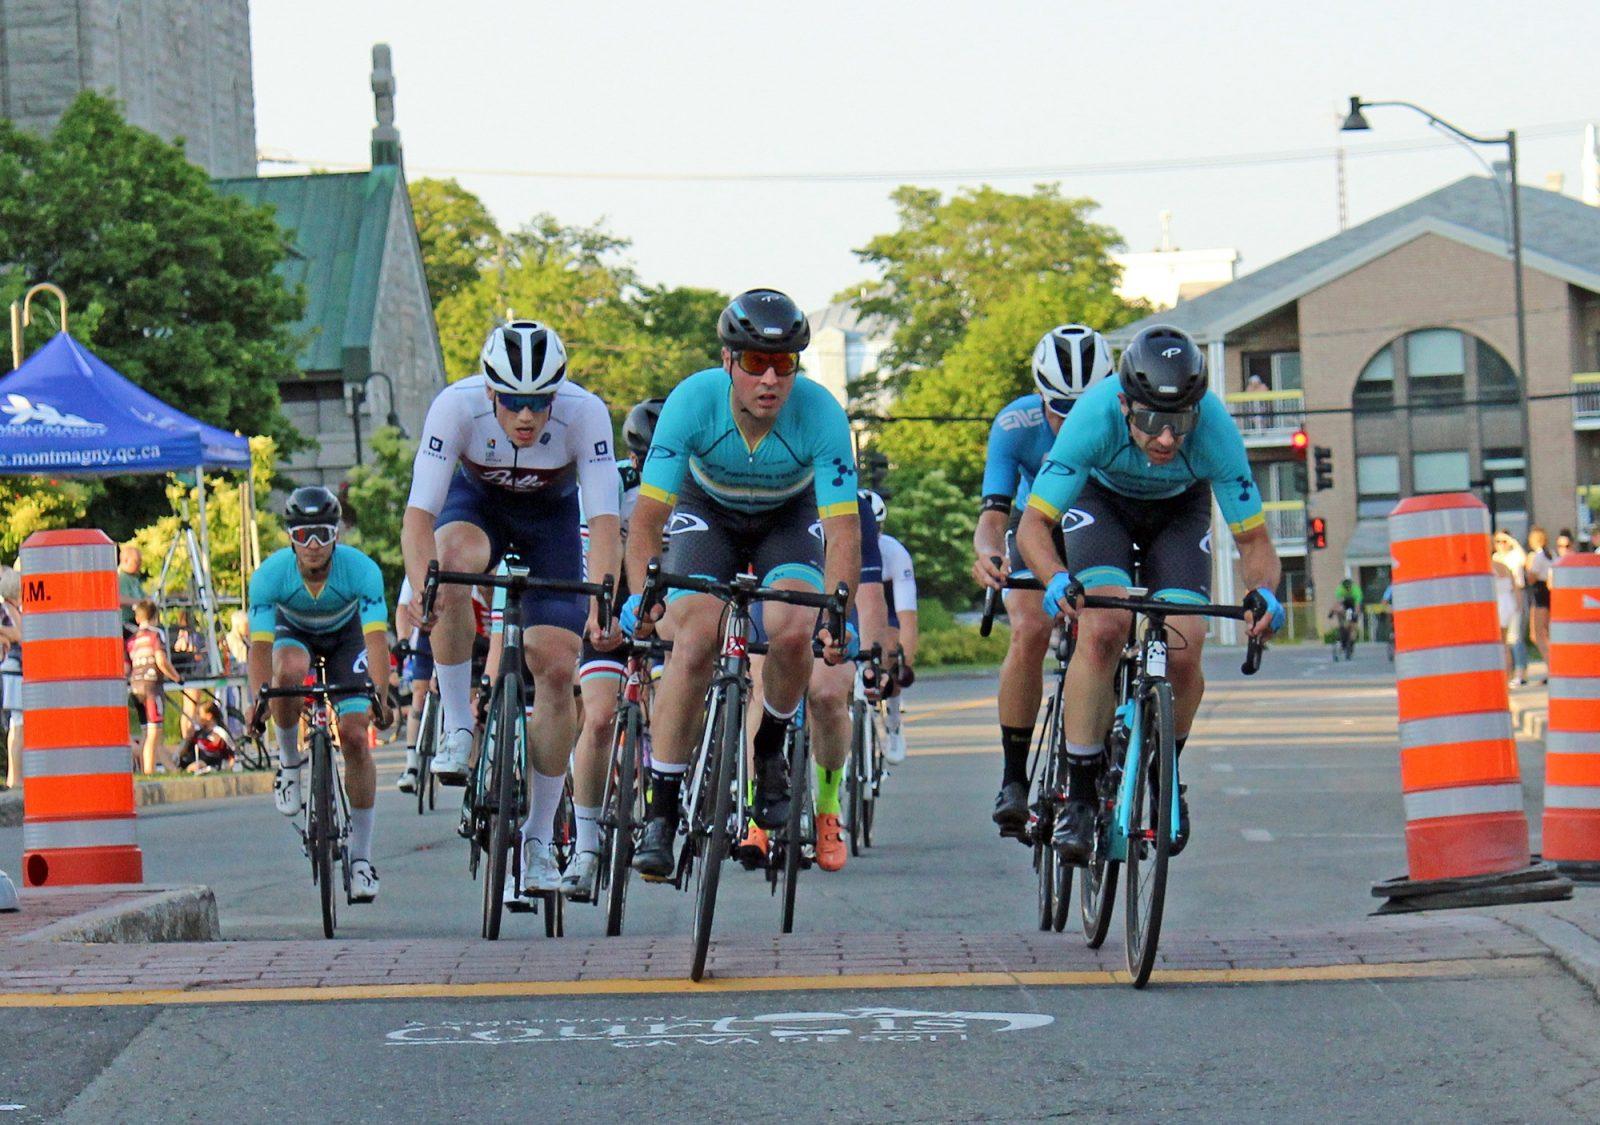 Une quarantaine de coureurs au 13e Critérium de Montmagny